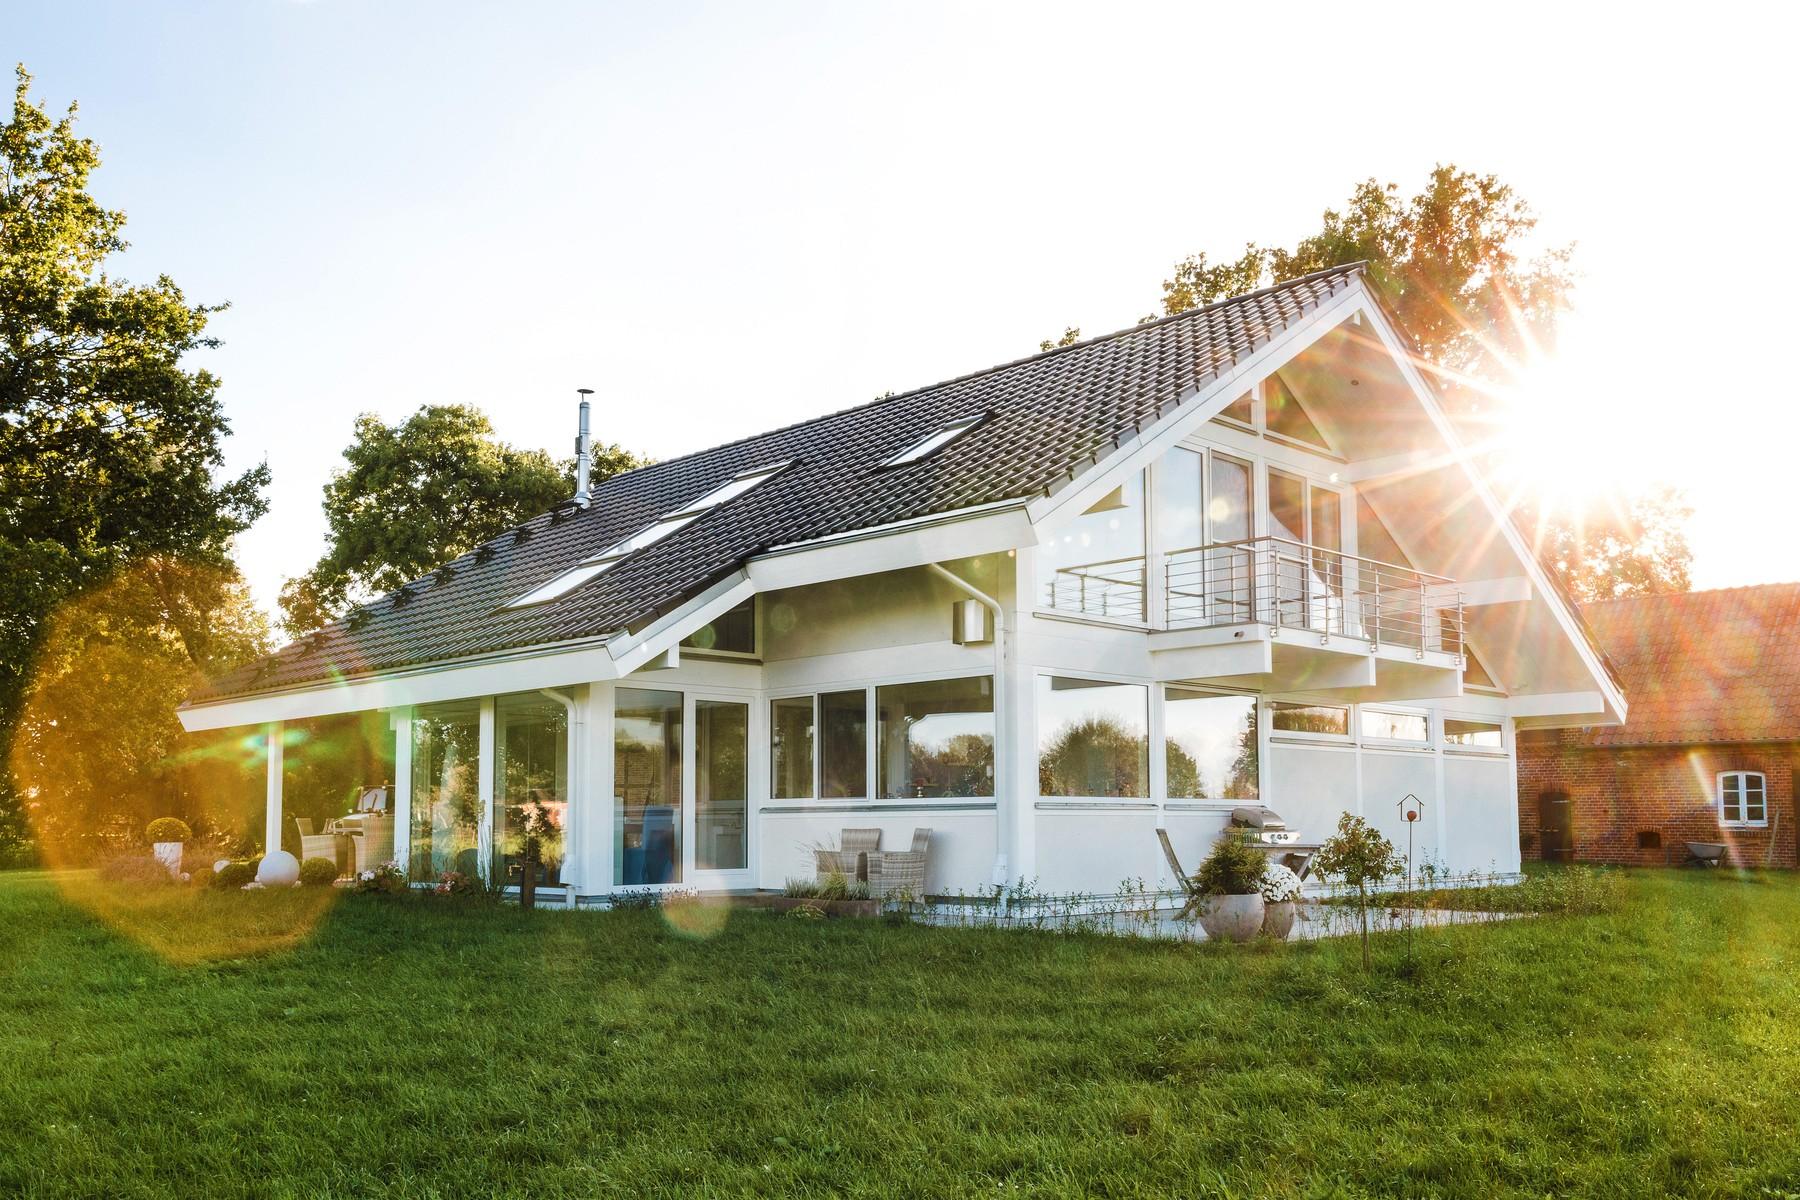 Modernes Fachwerkhaus Landhaus Fachwerk Holz Glas Weiss 7